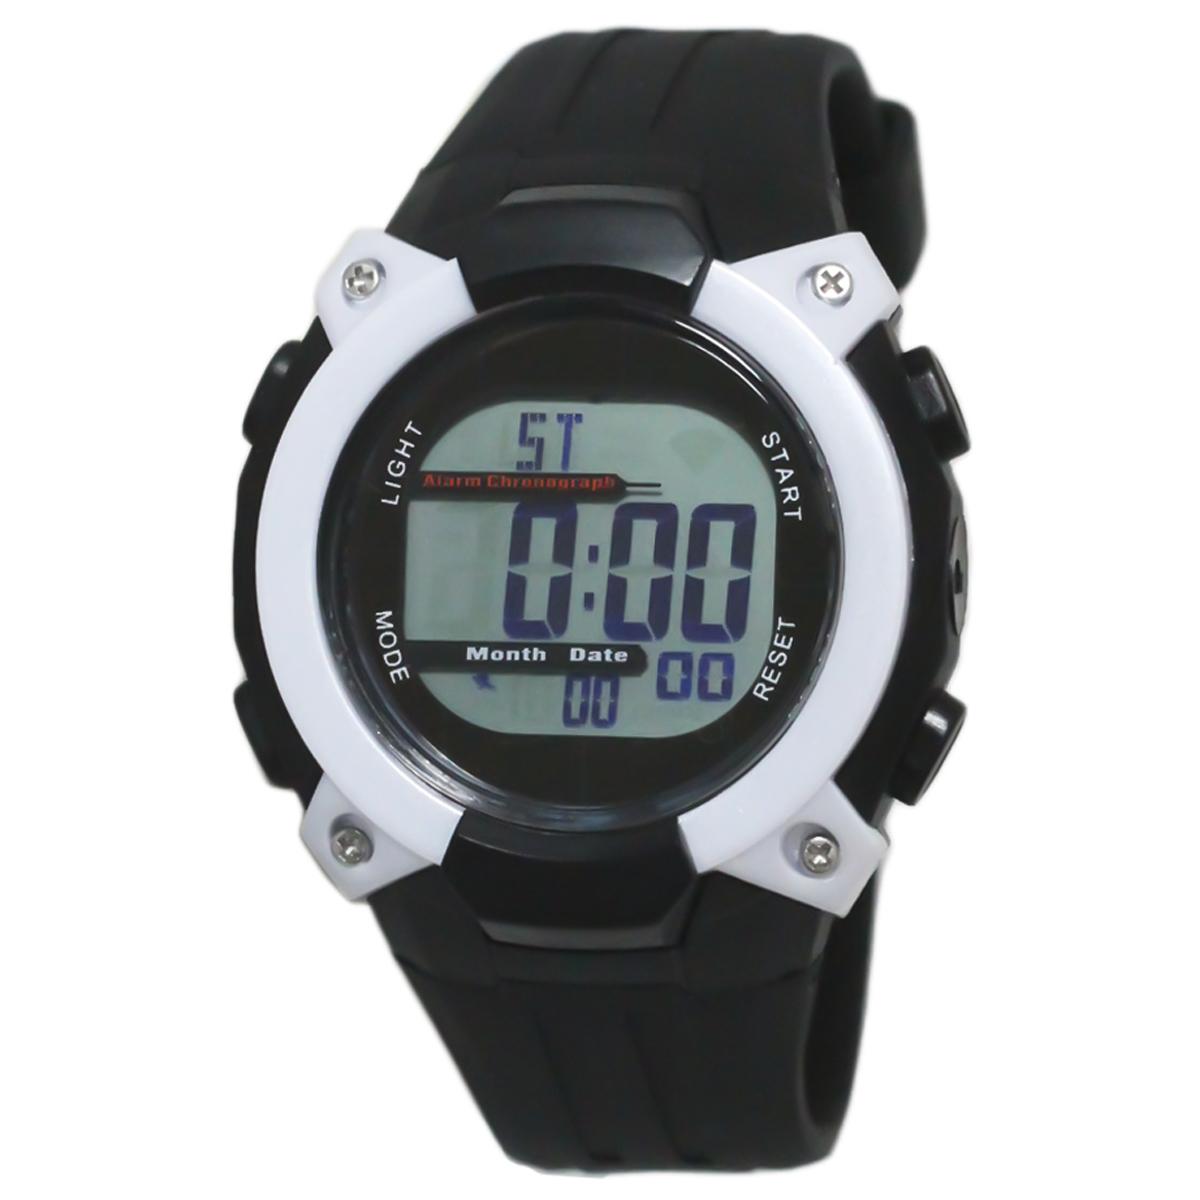 フォルミア FORMIA デジタルウオッチ ソーラー電波 メンズ 腕時計【FDM7862】